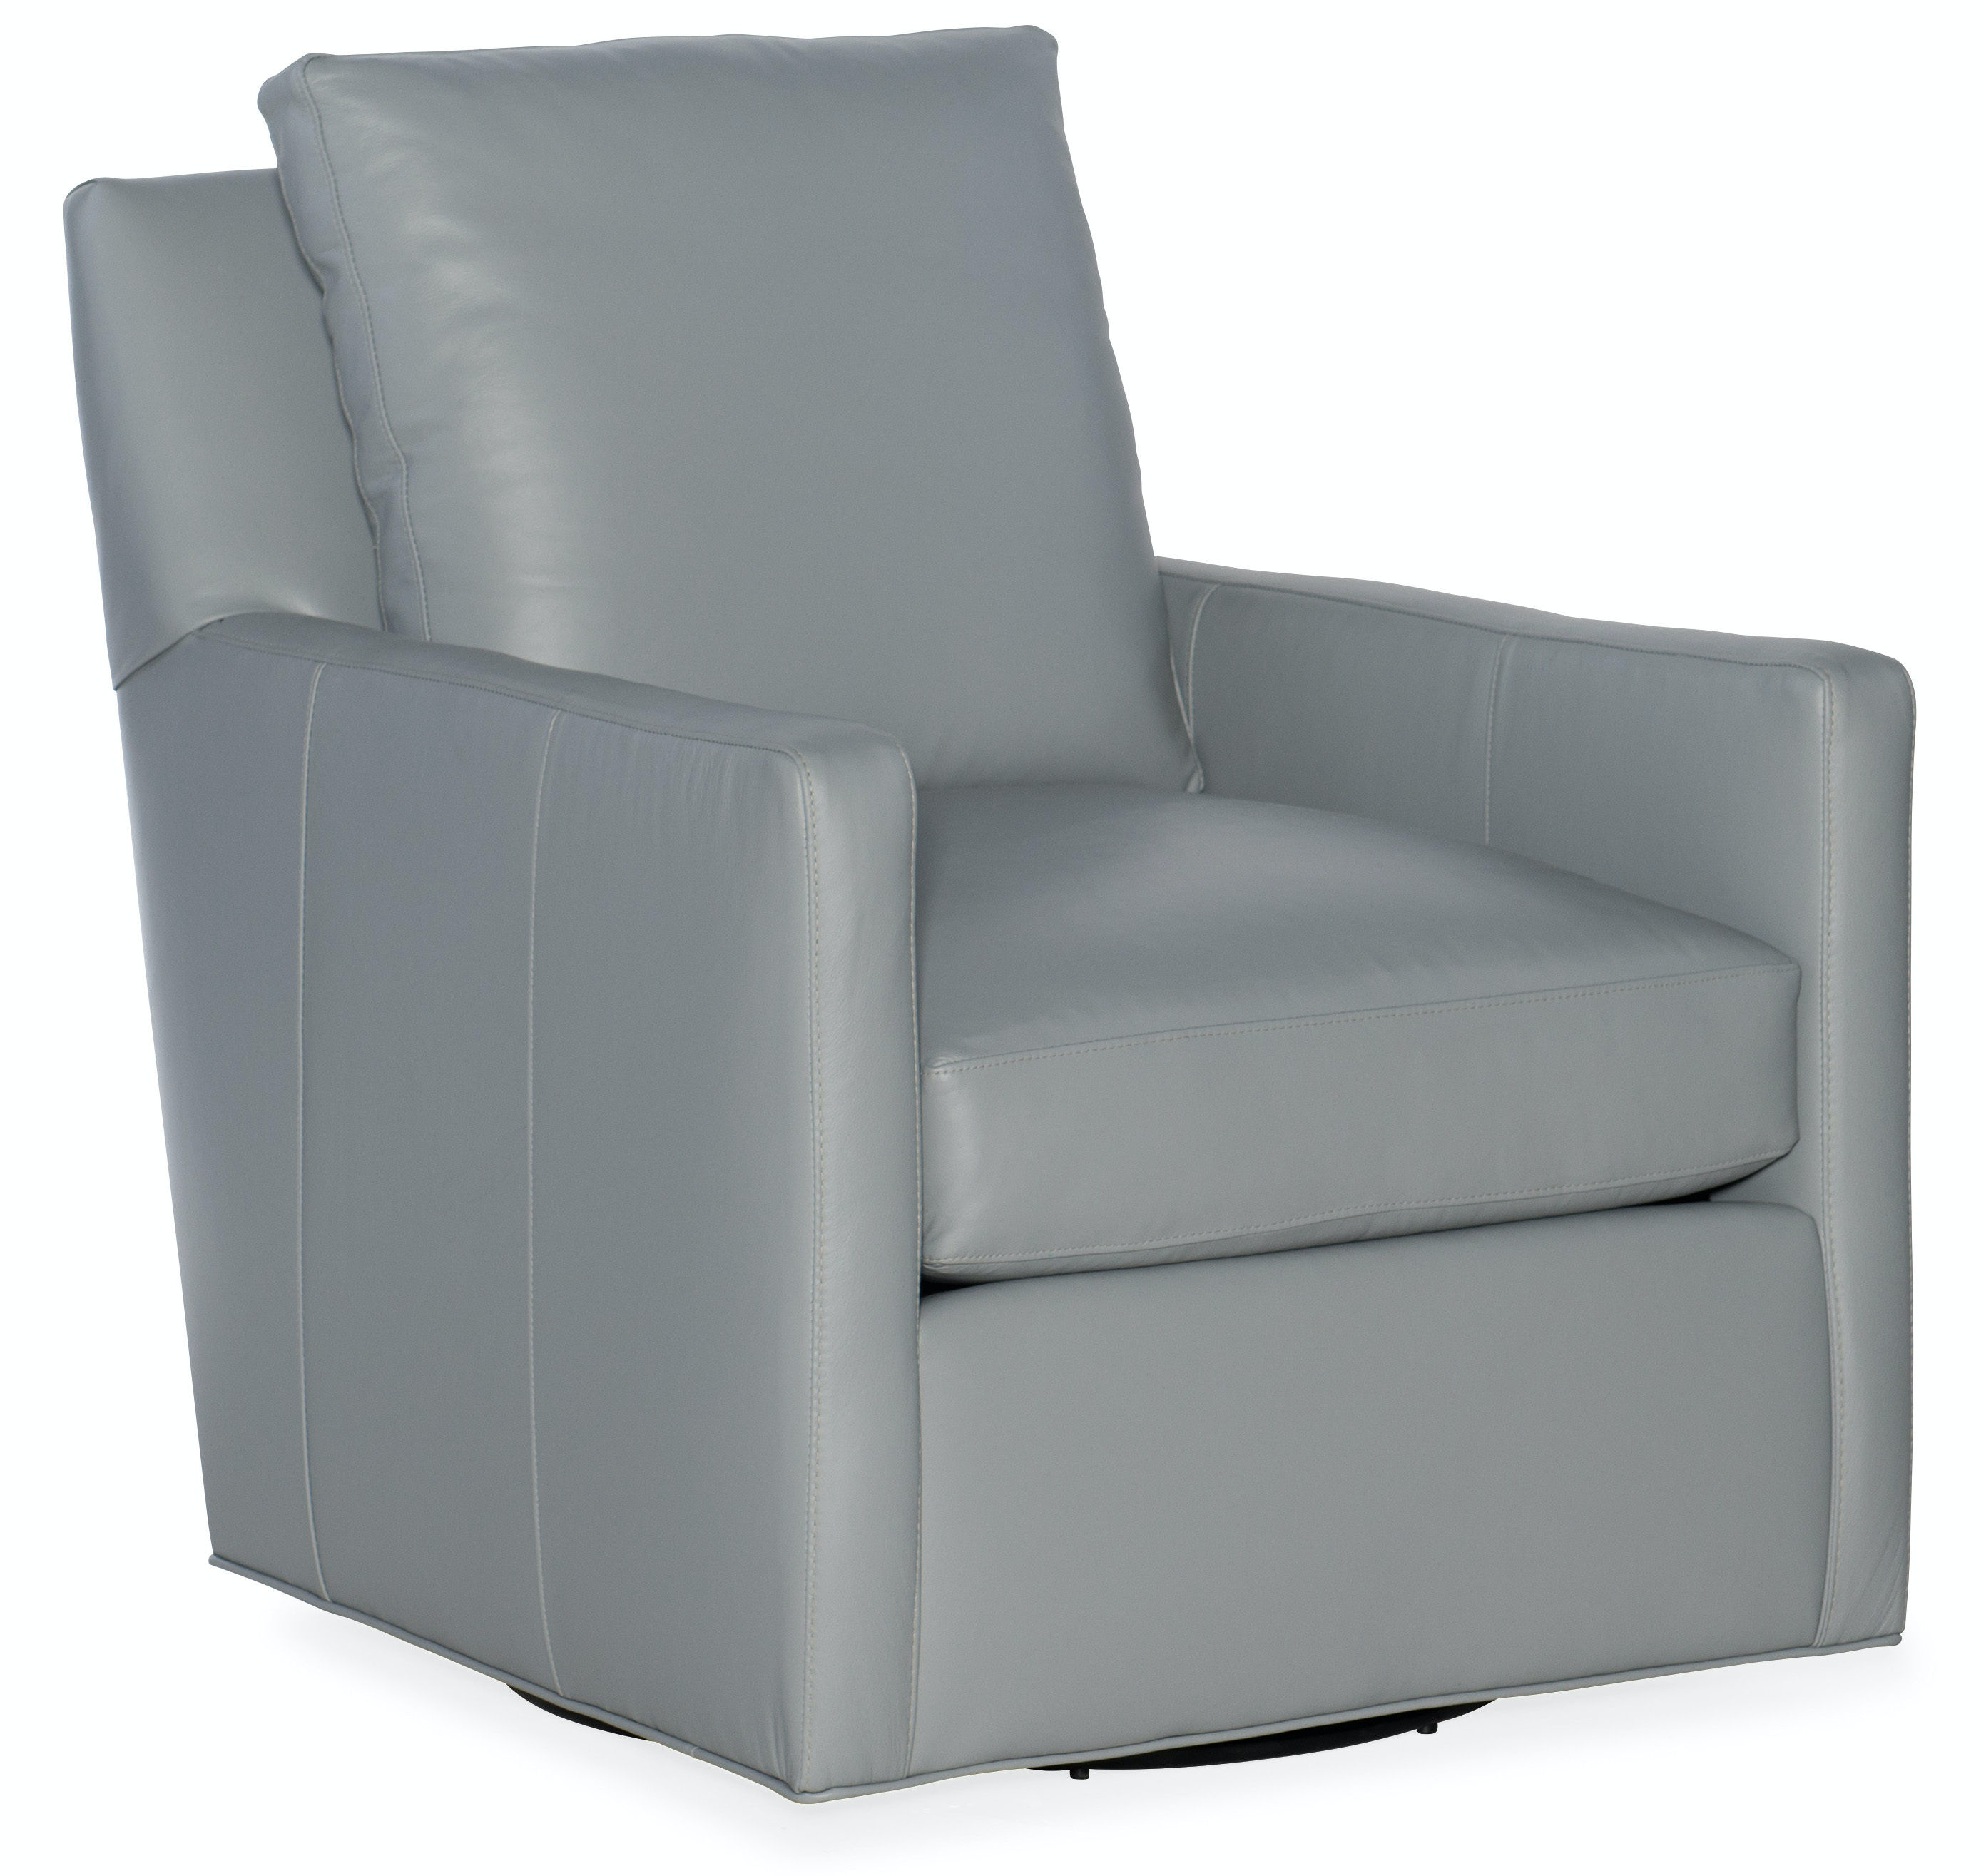 Bradington Young Jaxon Swivel Tub Chair 8 Way Tie 321 25SW